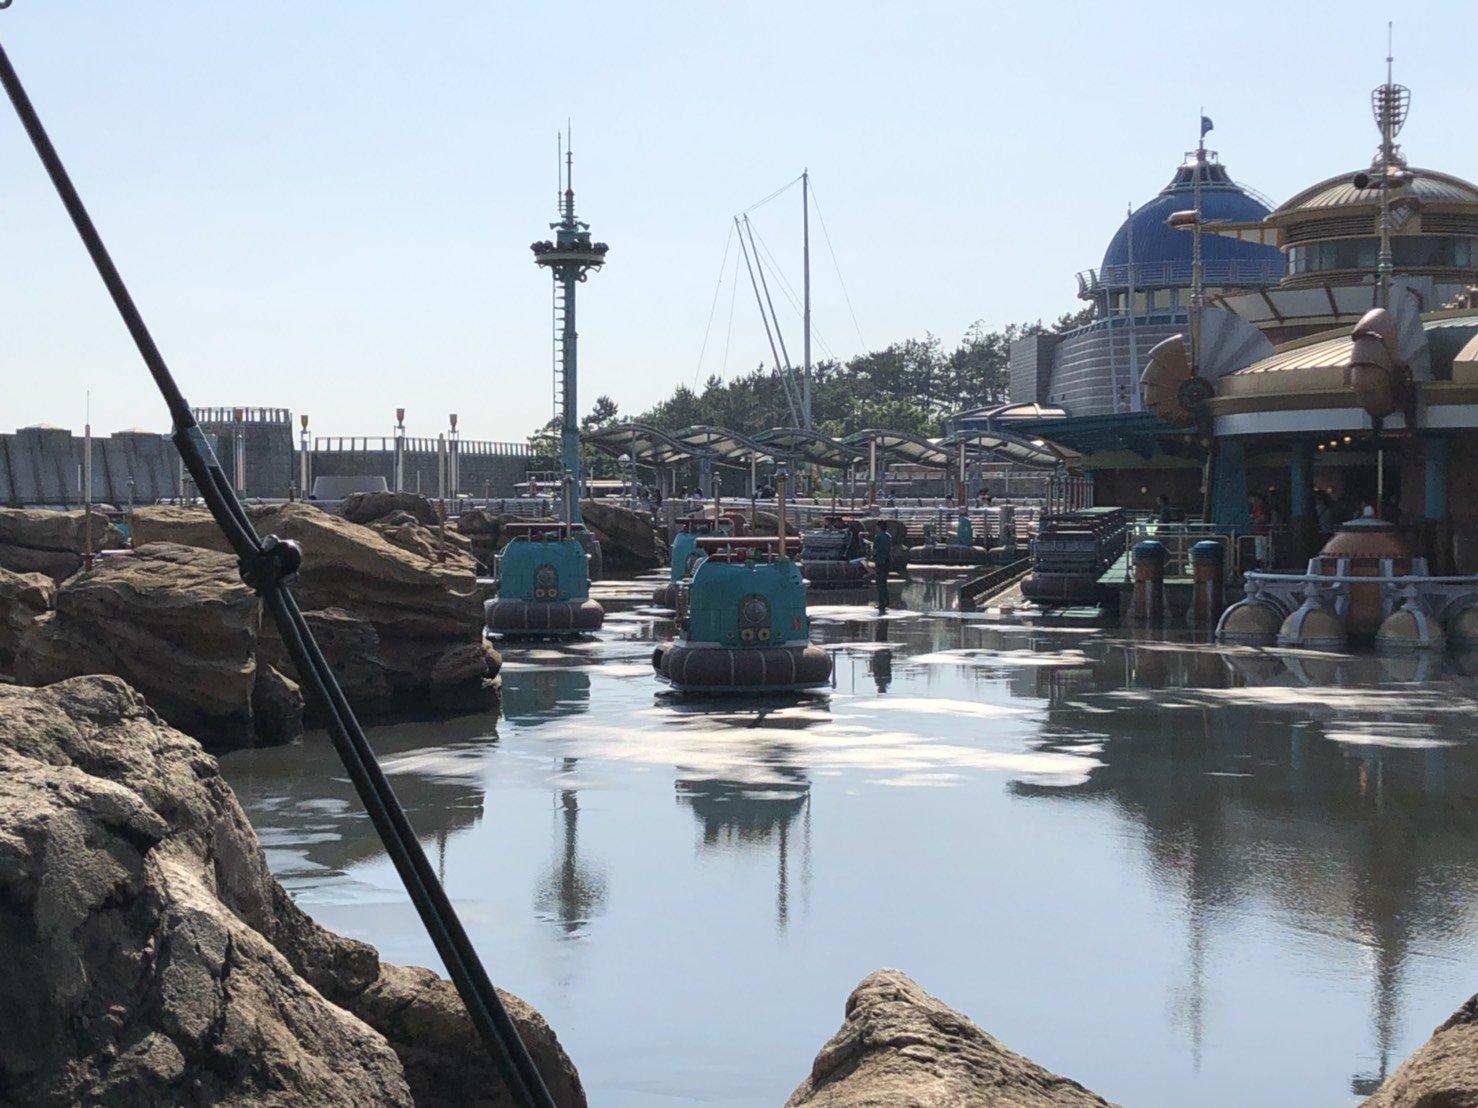 画像,ディズニーに行ってる母から地震の報告かと思いきや、アクアトピアの水が全部抜かれている報告がきた∑(O_O;) https://t.co/4y6f2vIlWc…